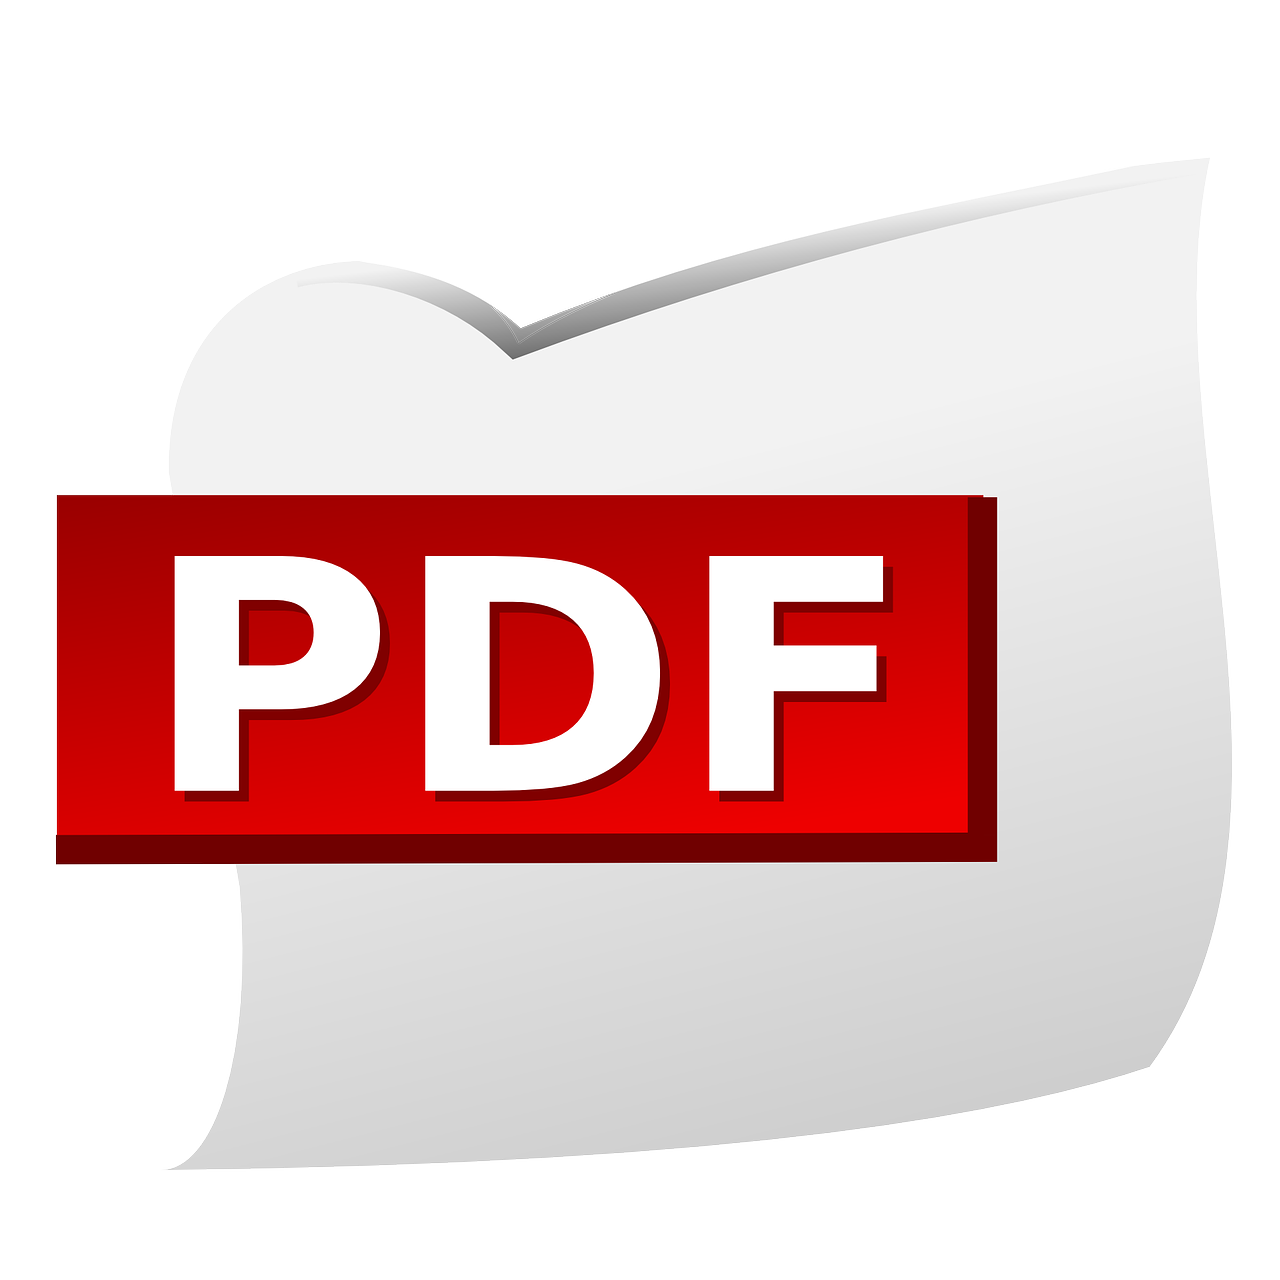 Щодо подання матеріалів пропозиції в зазначеному форматі